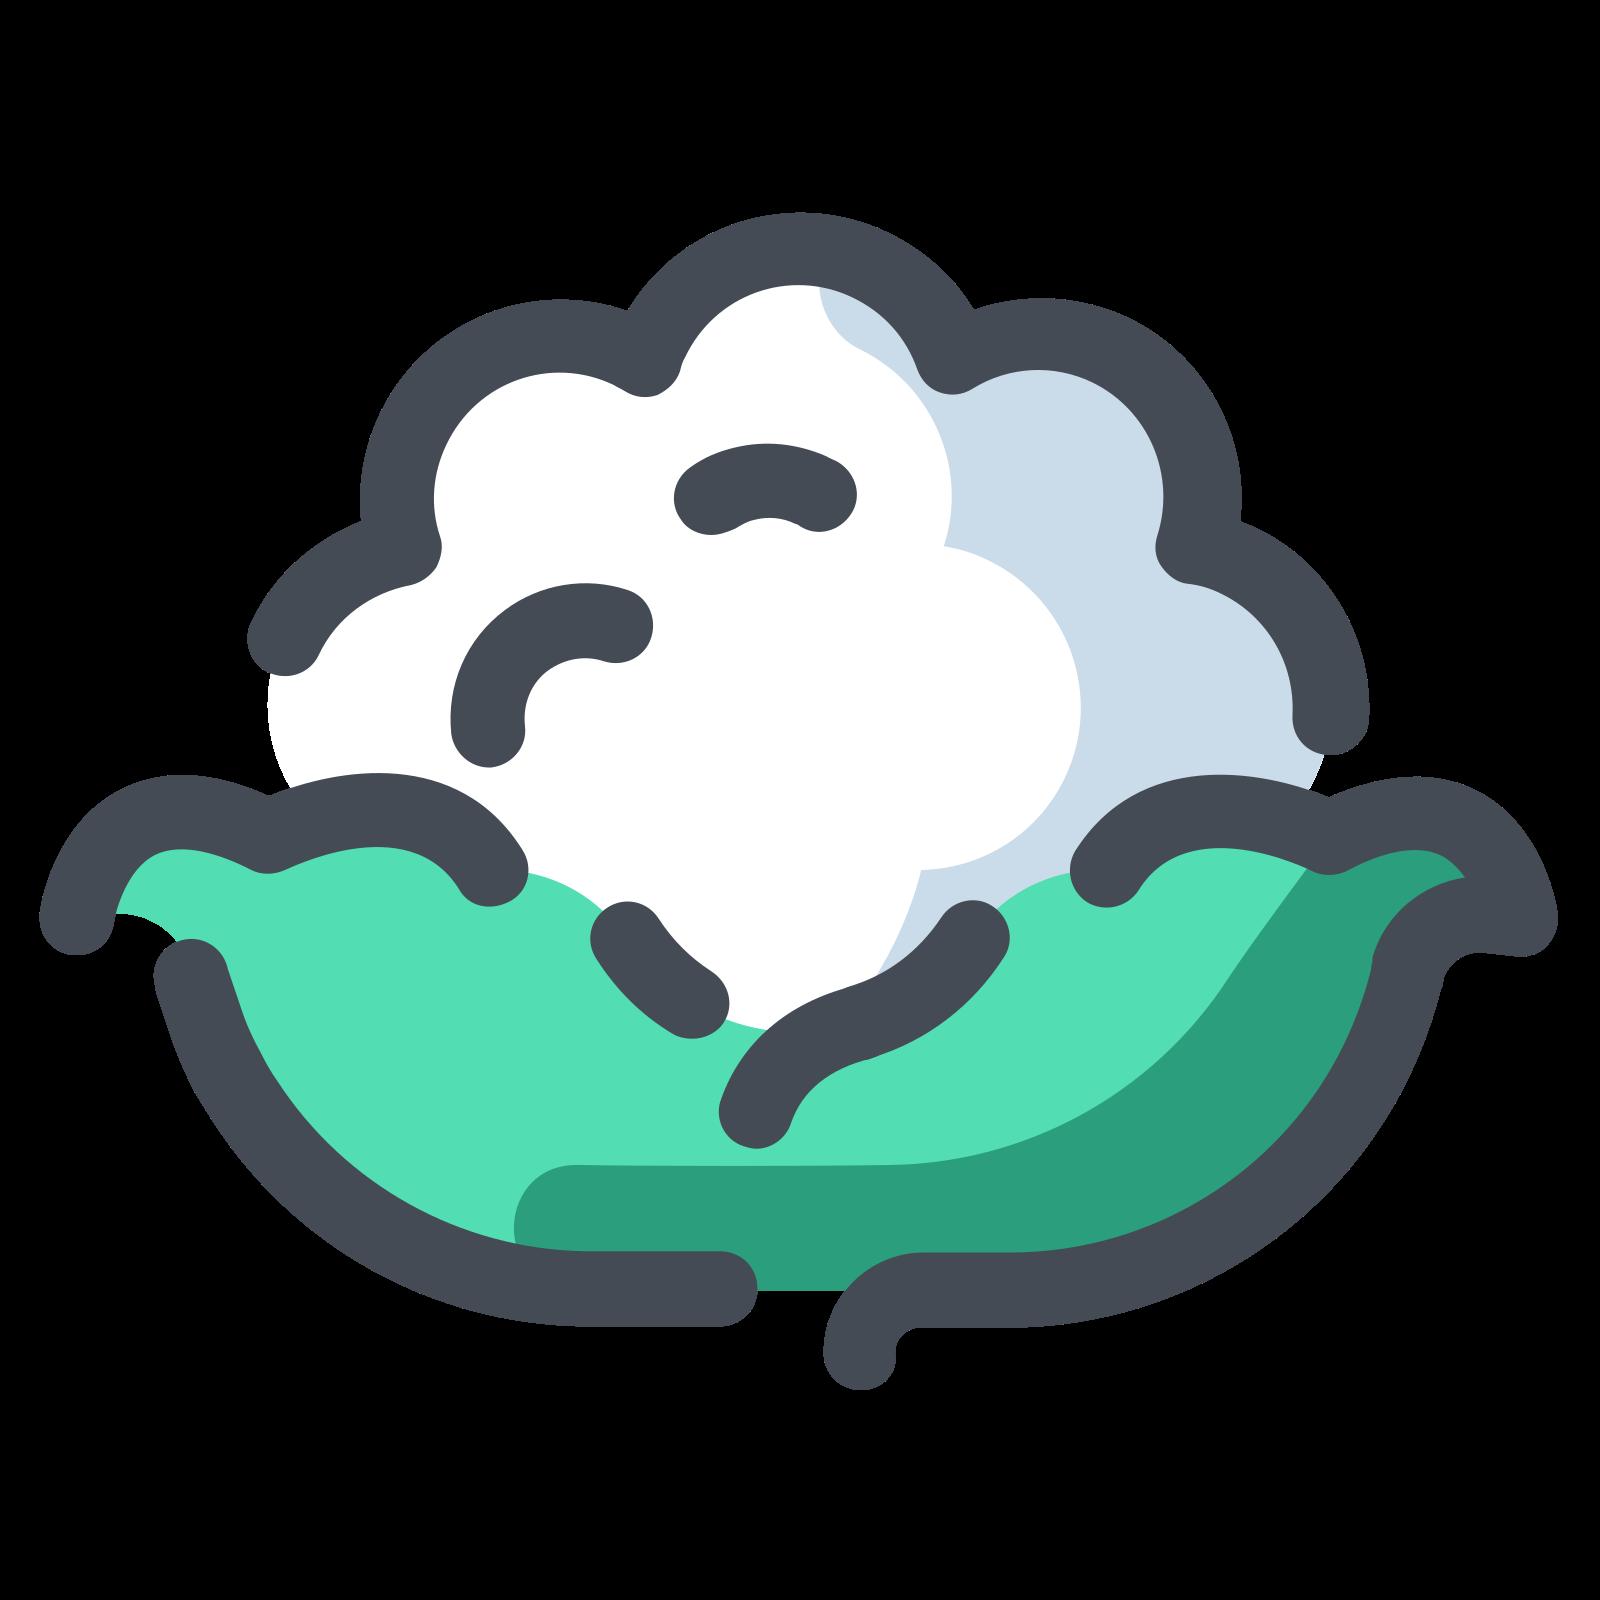 White Cauliflower icon